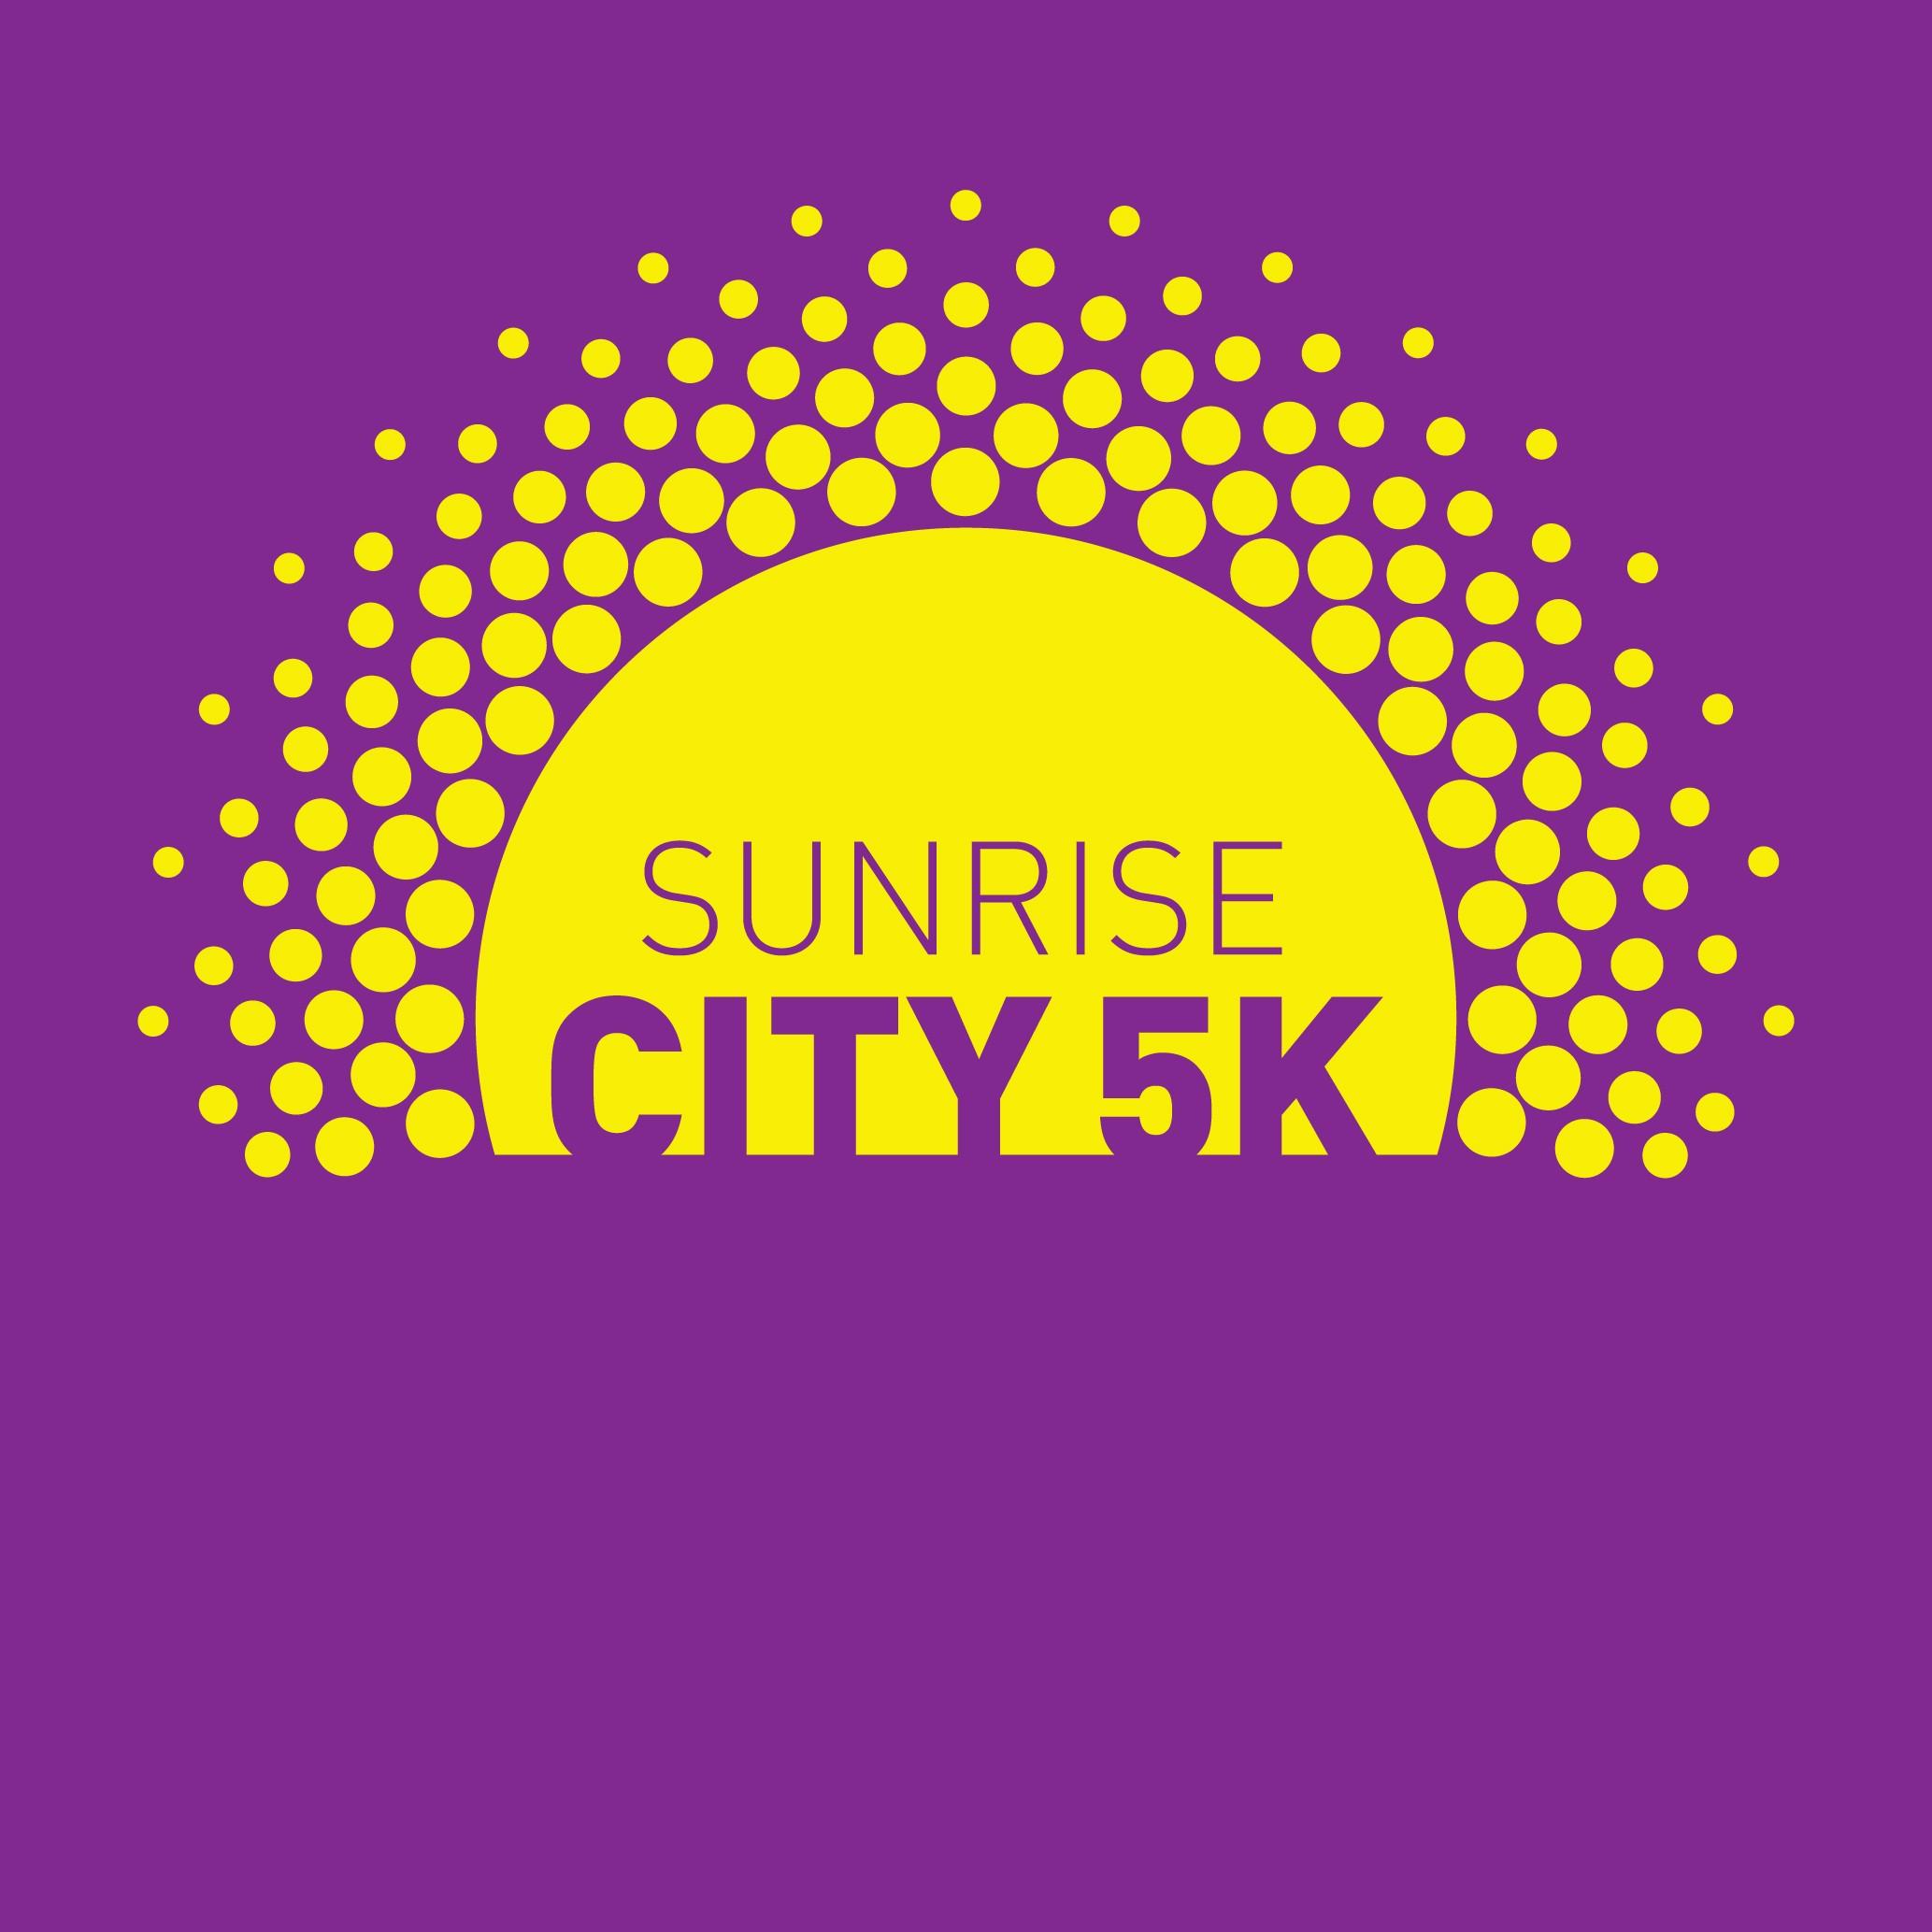 Sunrise City 5k Nottingham (July) - cover image